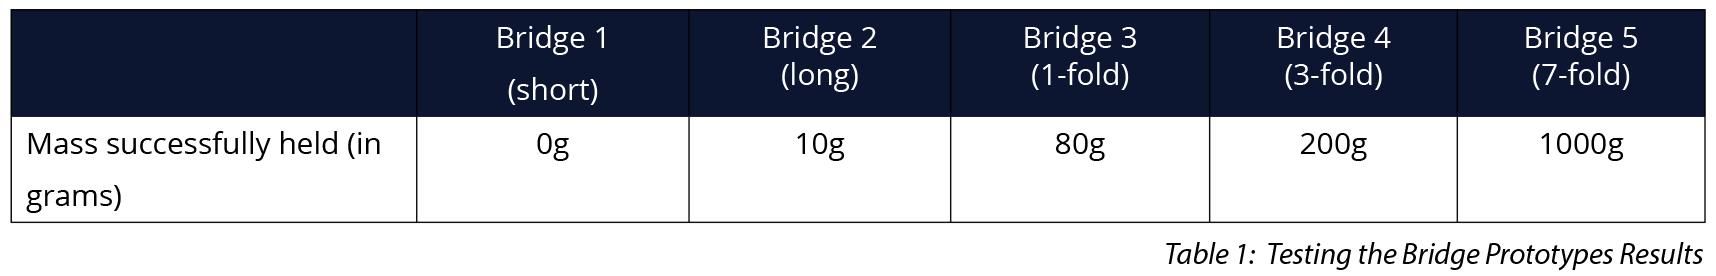 stem-p-ayl-2-img3s.png